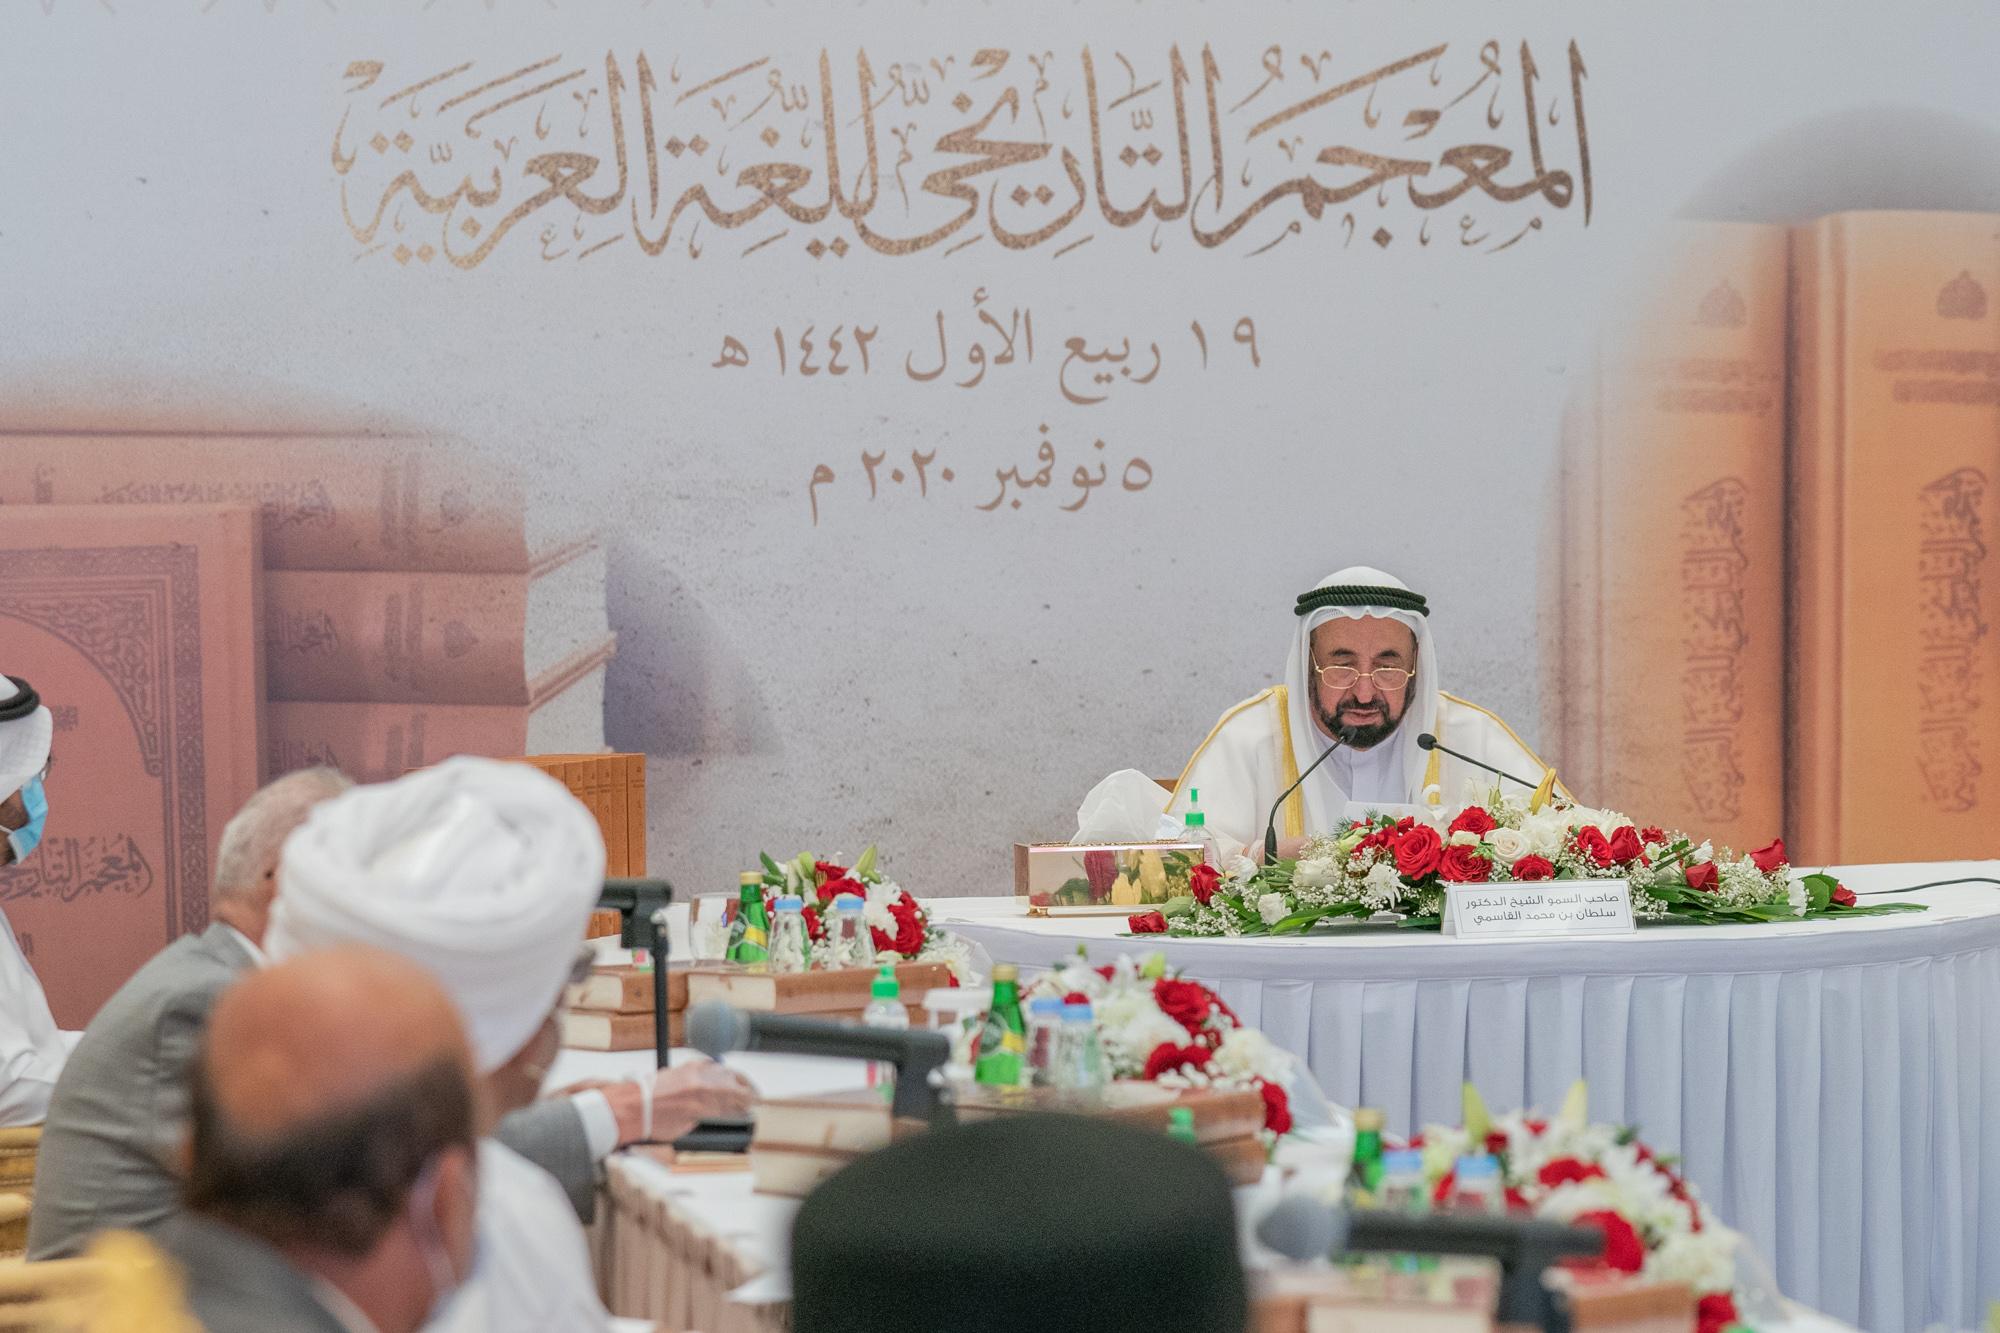 سلطان القاسمي يسجل حدثاً تاريخياً ويطلق الأجزاء الثمانية الأولى من المعجم التاريخي للغة العربية